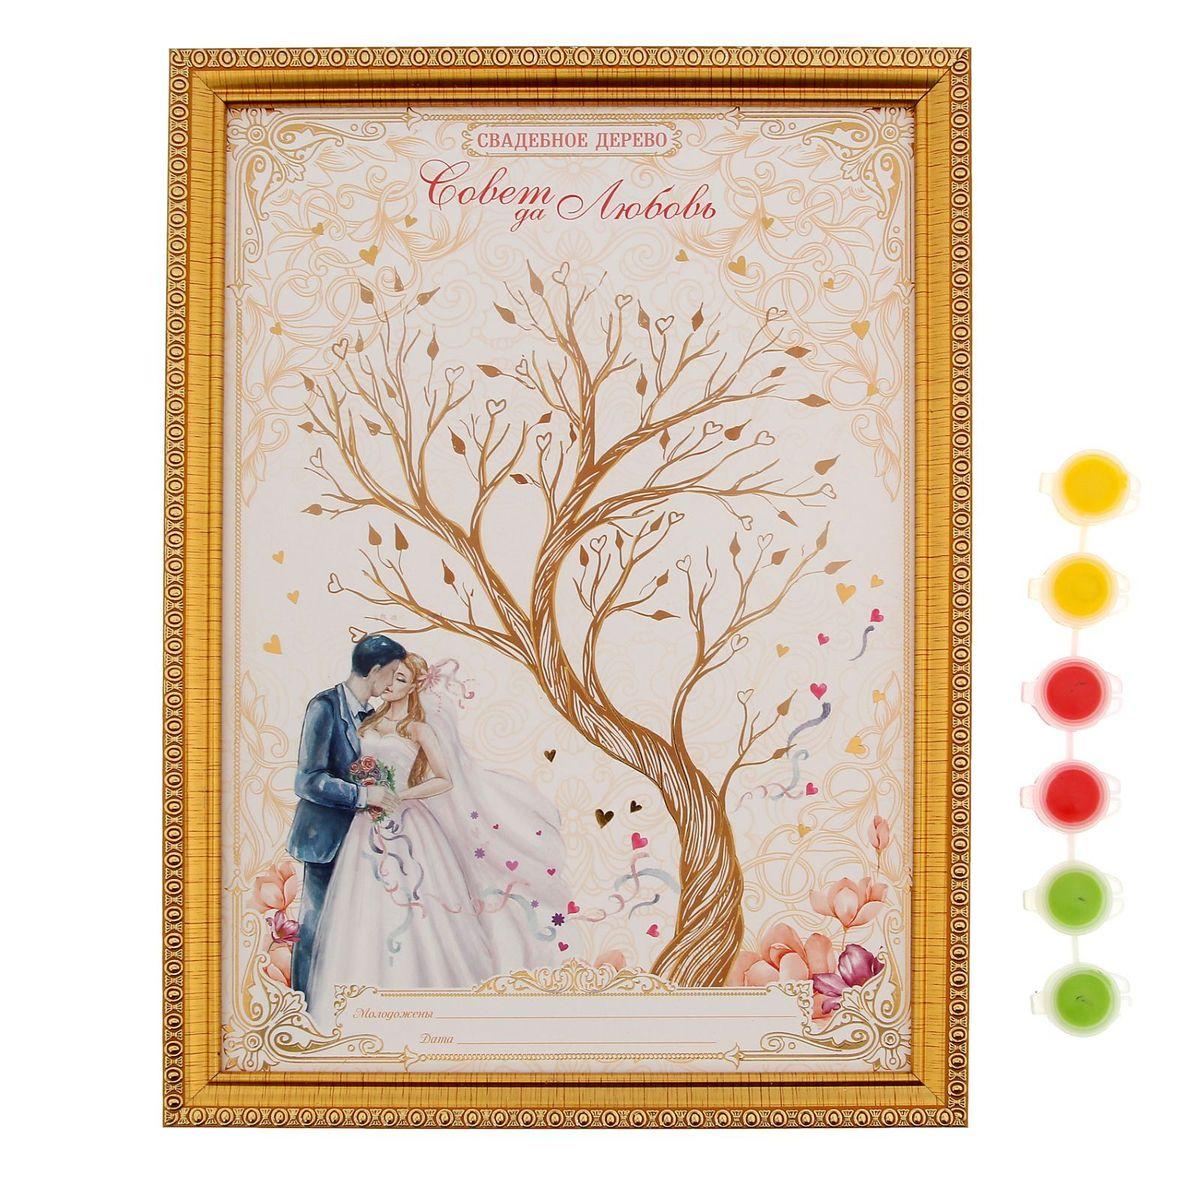 Дерево свадебных пожеланий в рамке Sima-land Жених и невеста, 32 x 23,2 x 1,5 см1221279Свадебное дерево пожеланий в рамке Жених и невеста — оригинальный способ собрать самые тёплые пожелания молодожёнам в одном месте! Процесс создания такого дерева захватывает и увлекает, ведь каждый листик — это отпечаток пальца. Во время торжества все гости смогут оставить памятный принт и написать искренние слова.Краски уже есть в комплекте. После они легко смоются с рук гостей. Специальная петля и ножка с обратной стороны позволяют повесить дерево пожеланий на стену, либо поставить его на стол или полку. Сувенир преподносится в подарочной коробочке.Сохраните приятные воспоминания о самом незабываемом дне!